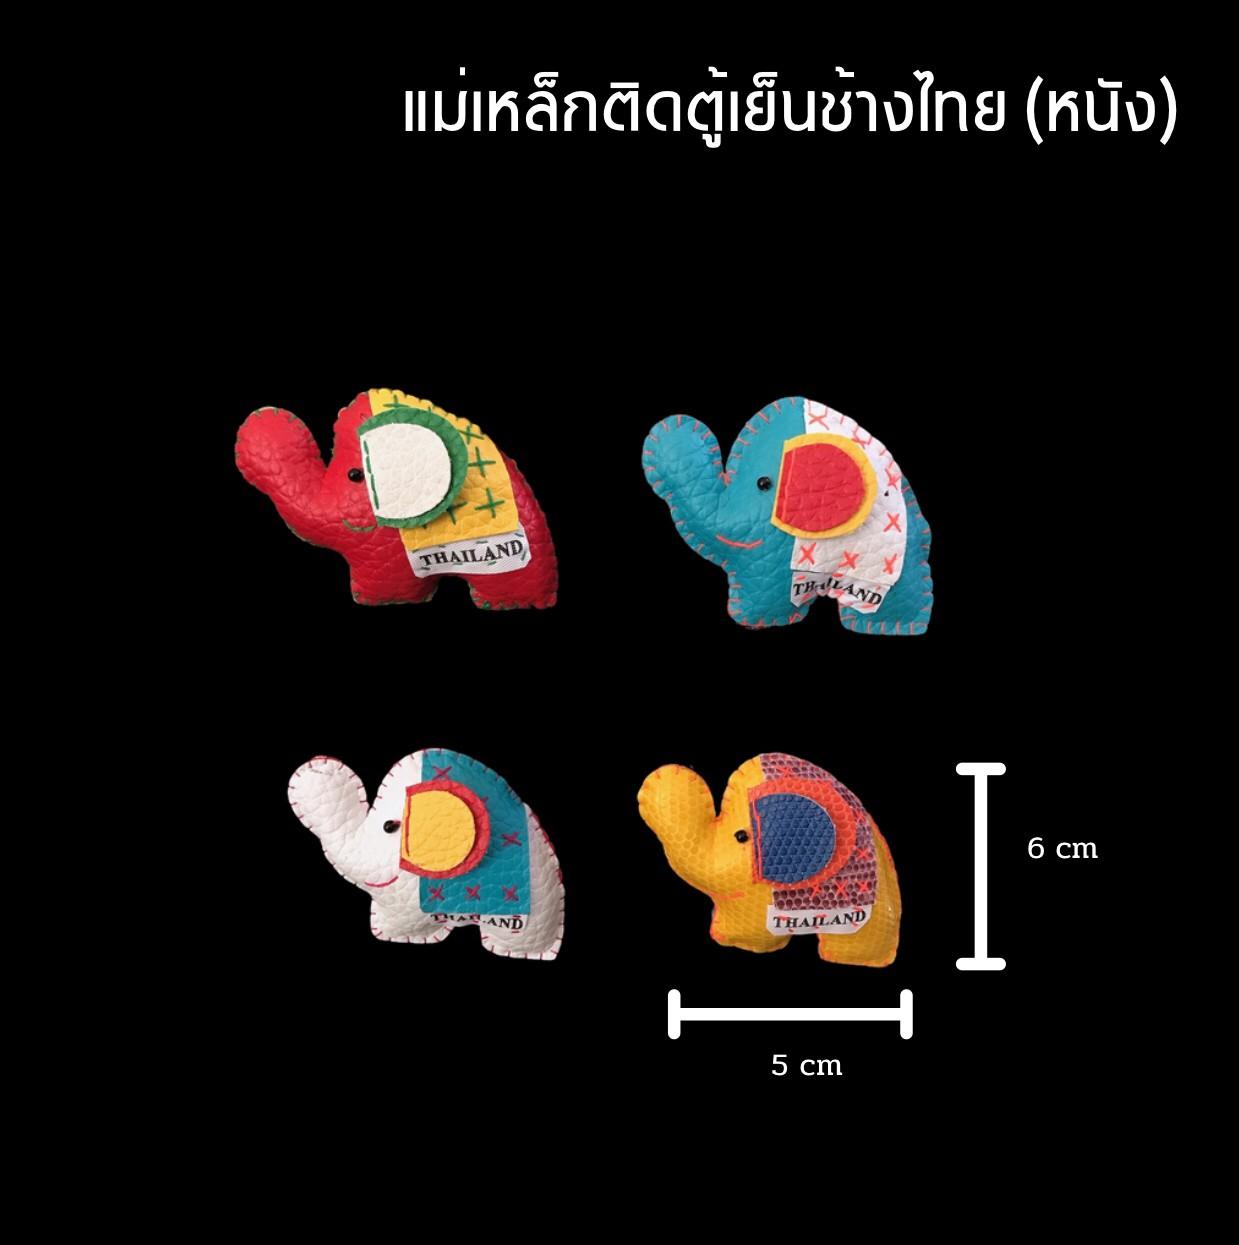 แม่เหล็กติดตู้เย็นช้างไทย(หนัง)